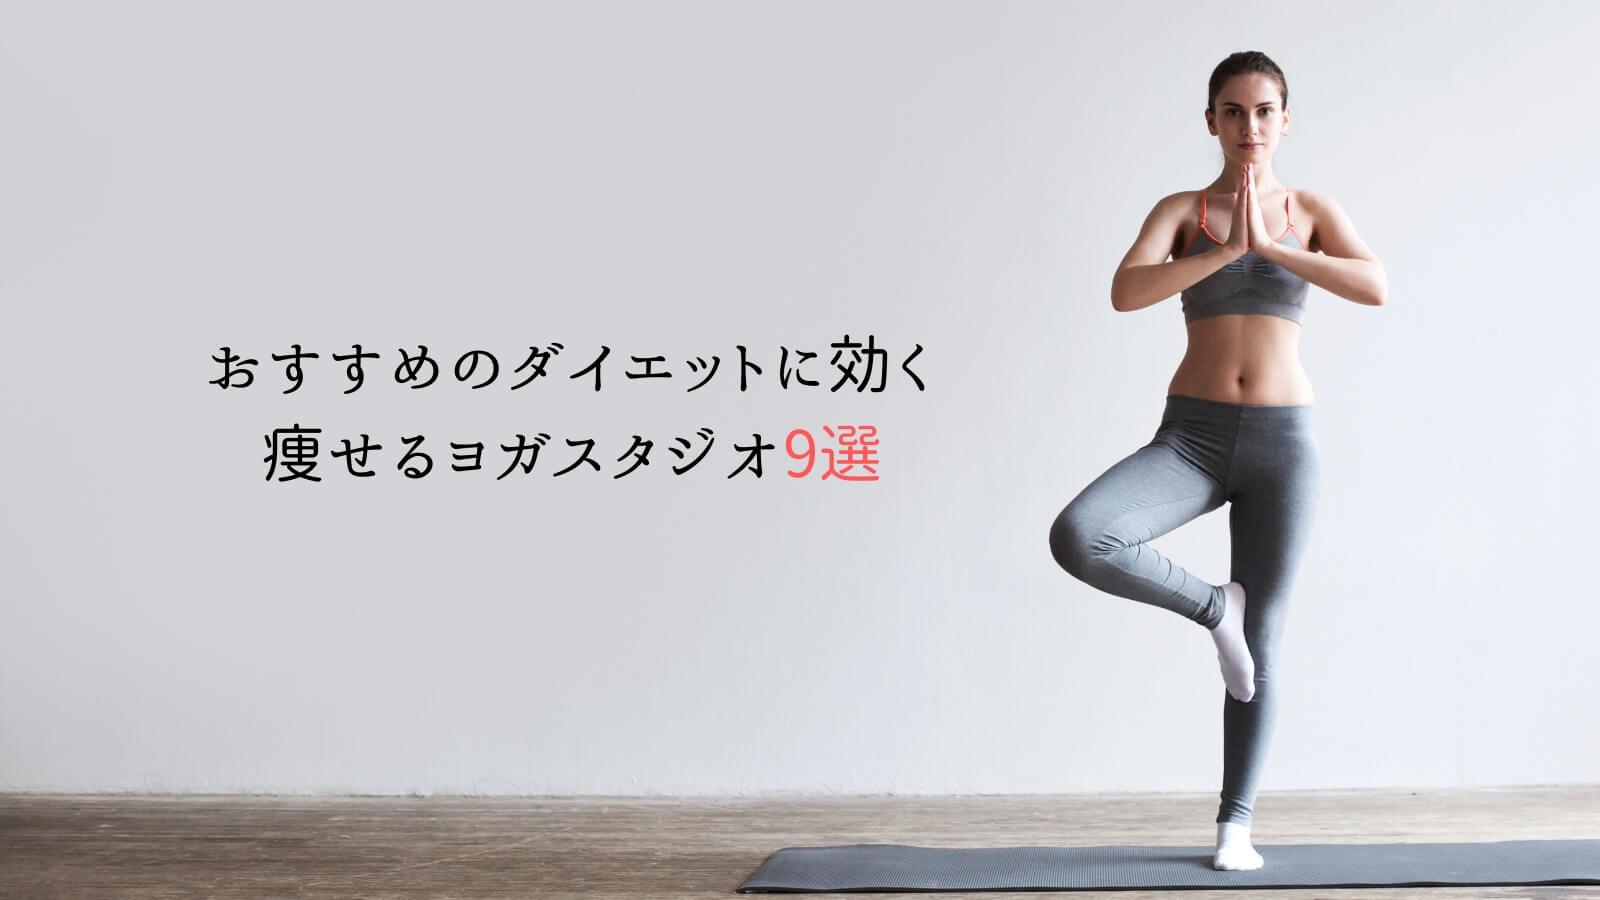 おすすめのダイエットに効く痩せるヨガスタジオ9選